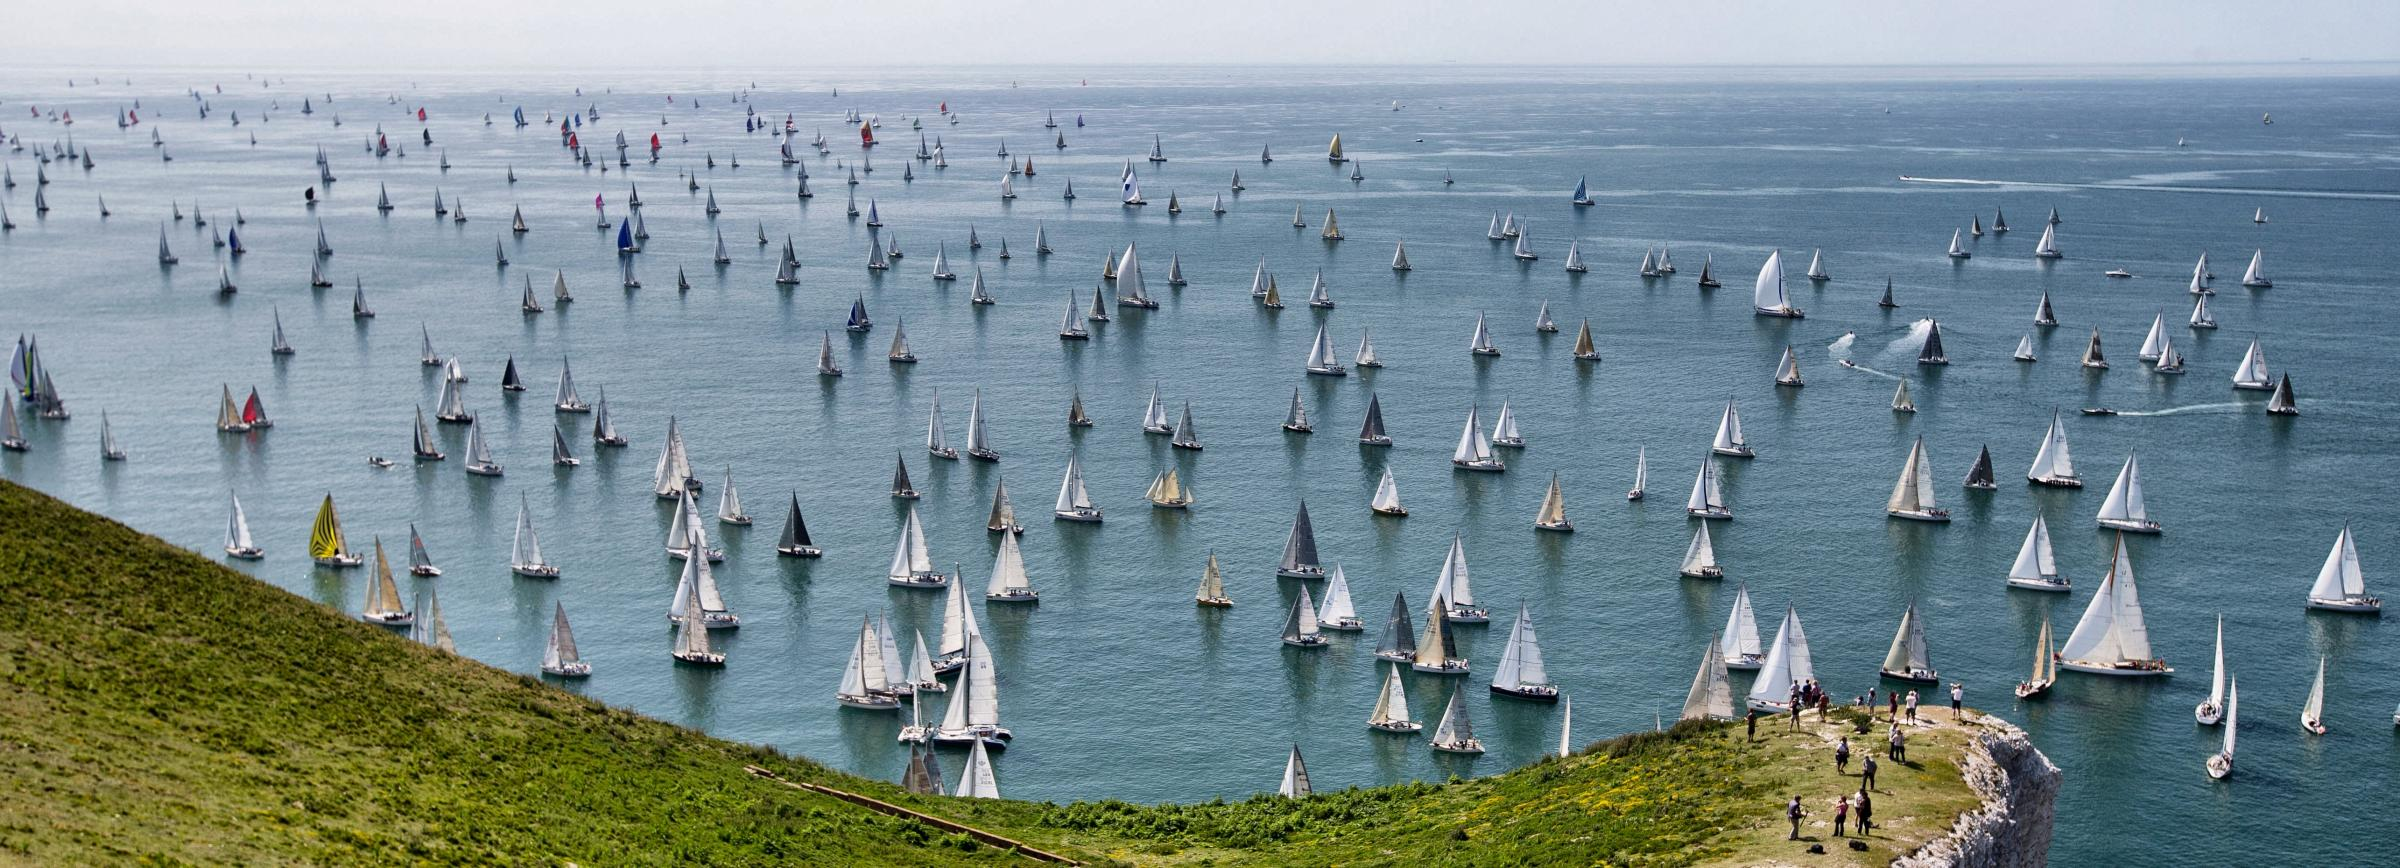 """新世界,欲望,超越,大海,海洋 一分钟视频告诉你""""什么是航海?""""This is sailing!这就是航海!!"""